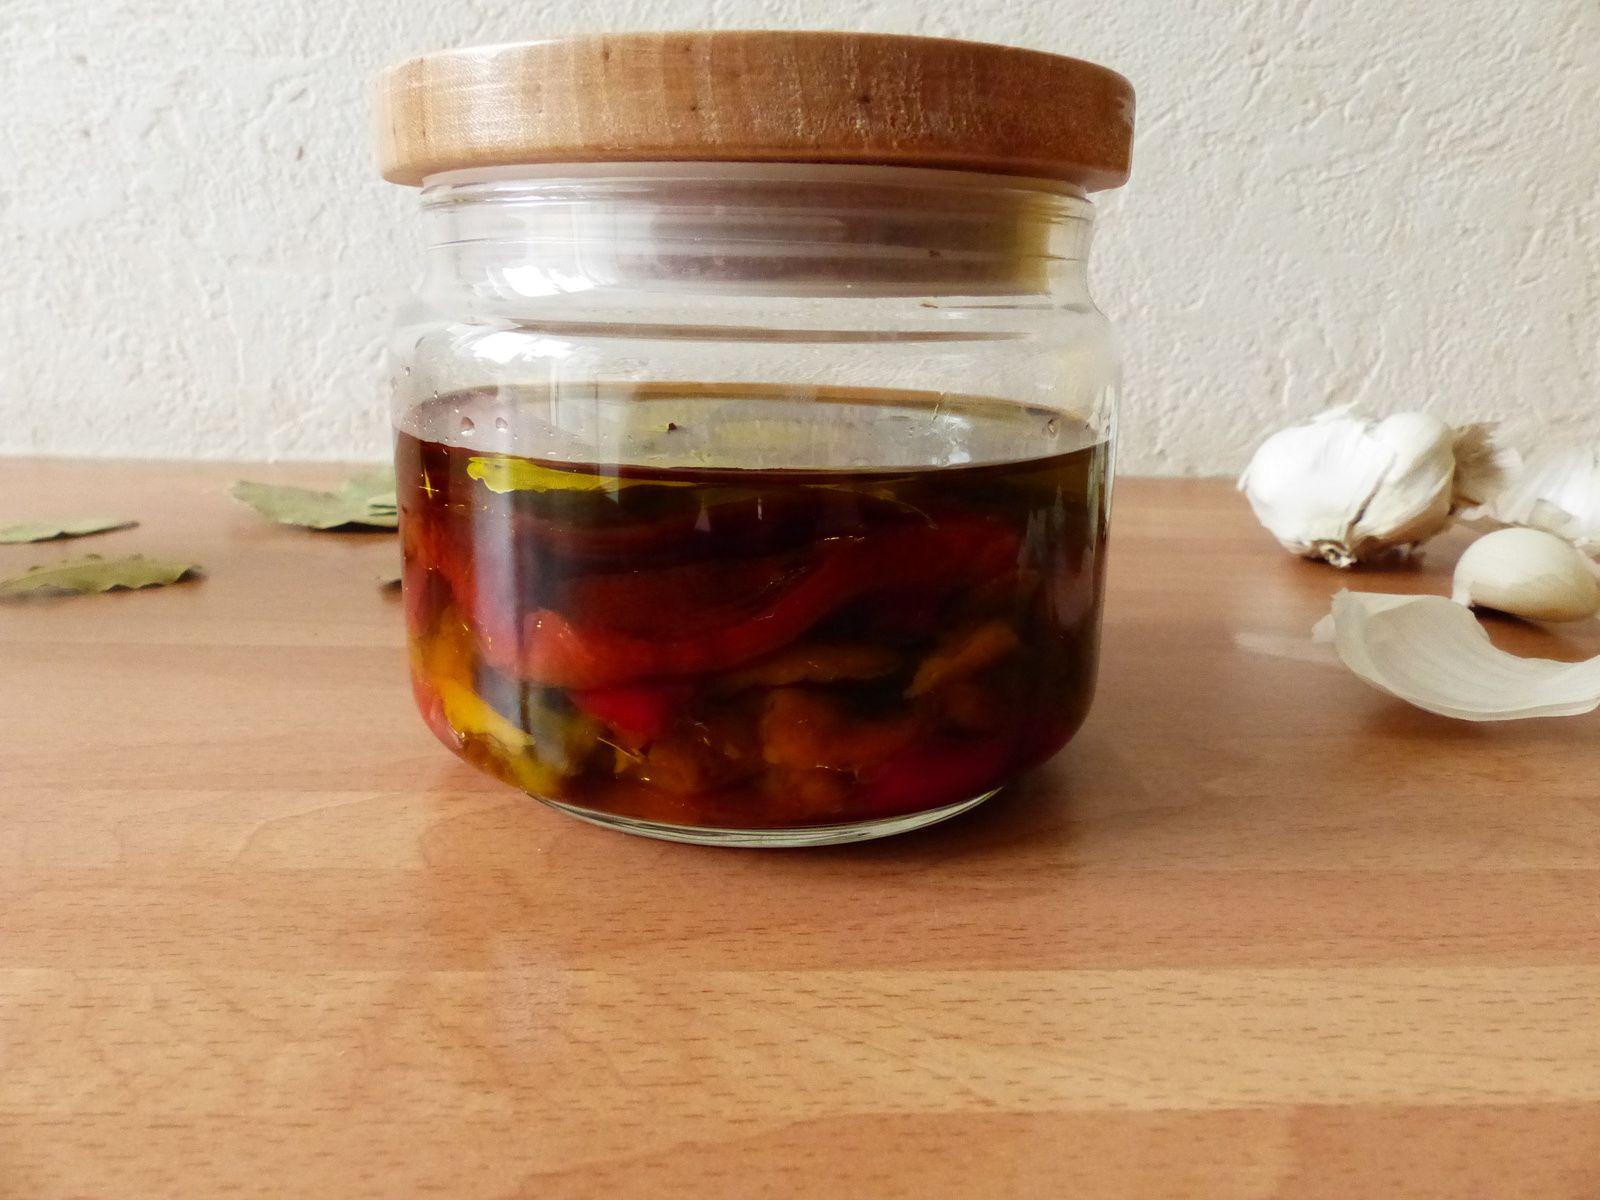 Poivrons confits à l'huile d'olive et feuilles de laurier